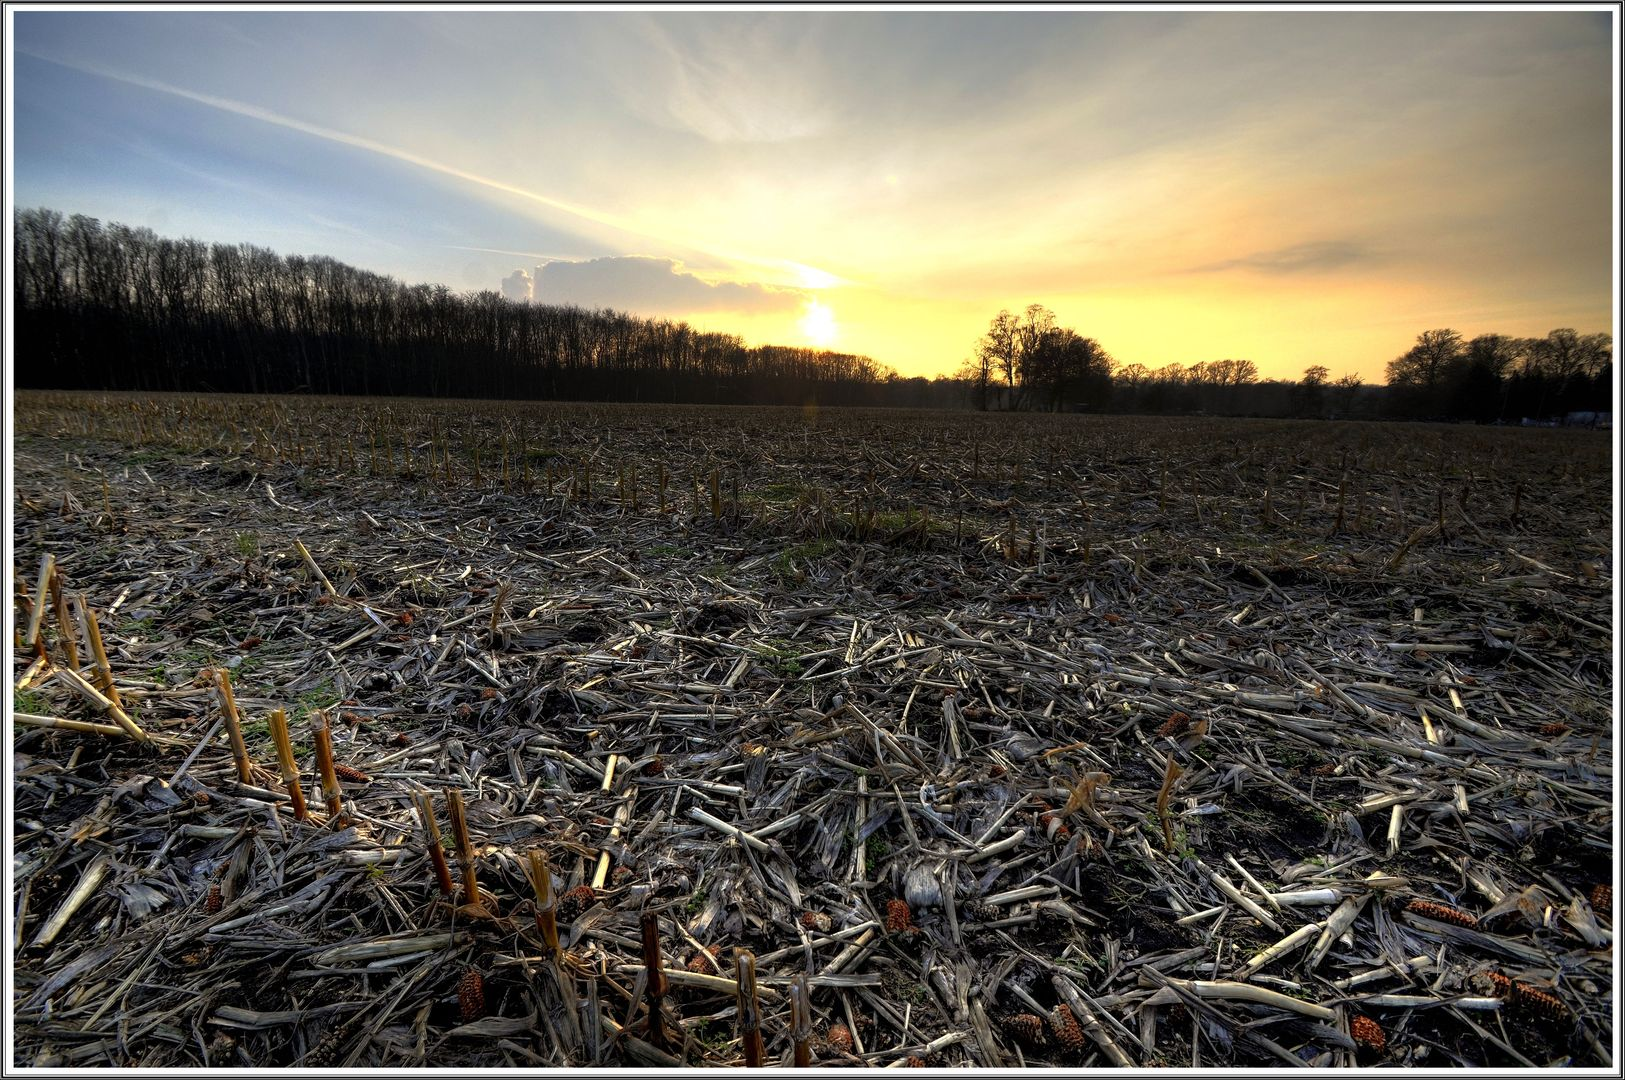 Ein abgedroschenes Maisfeld in der wintlerlichen Abendsonne